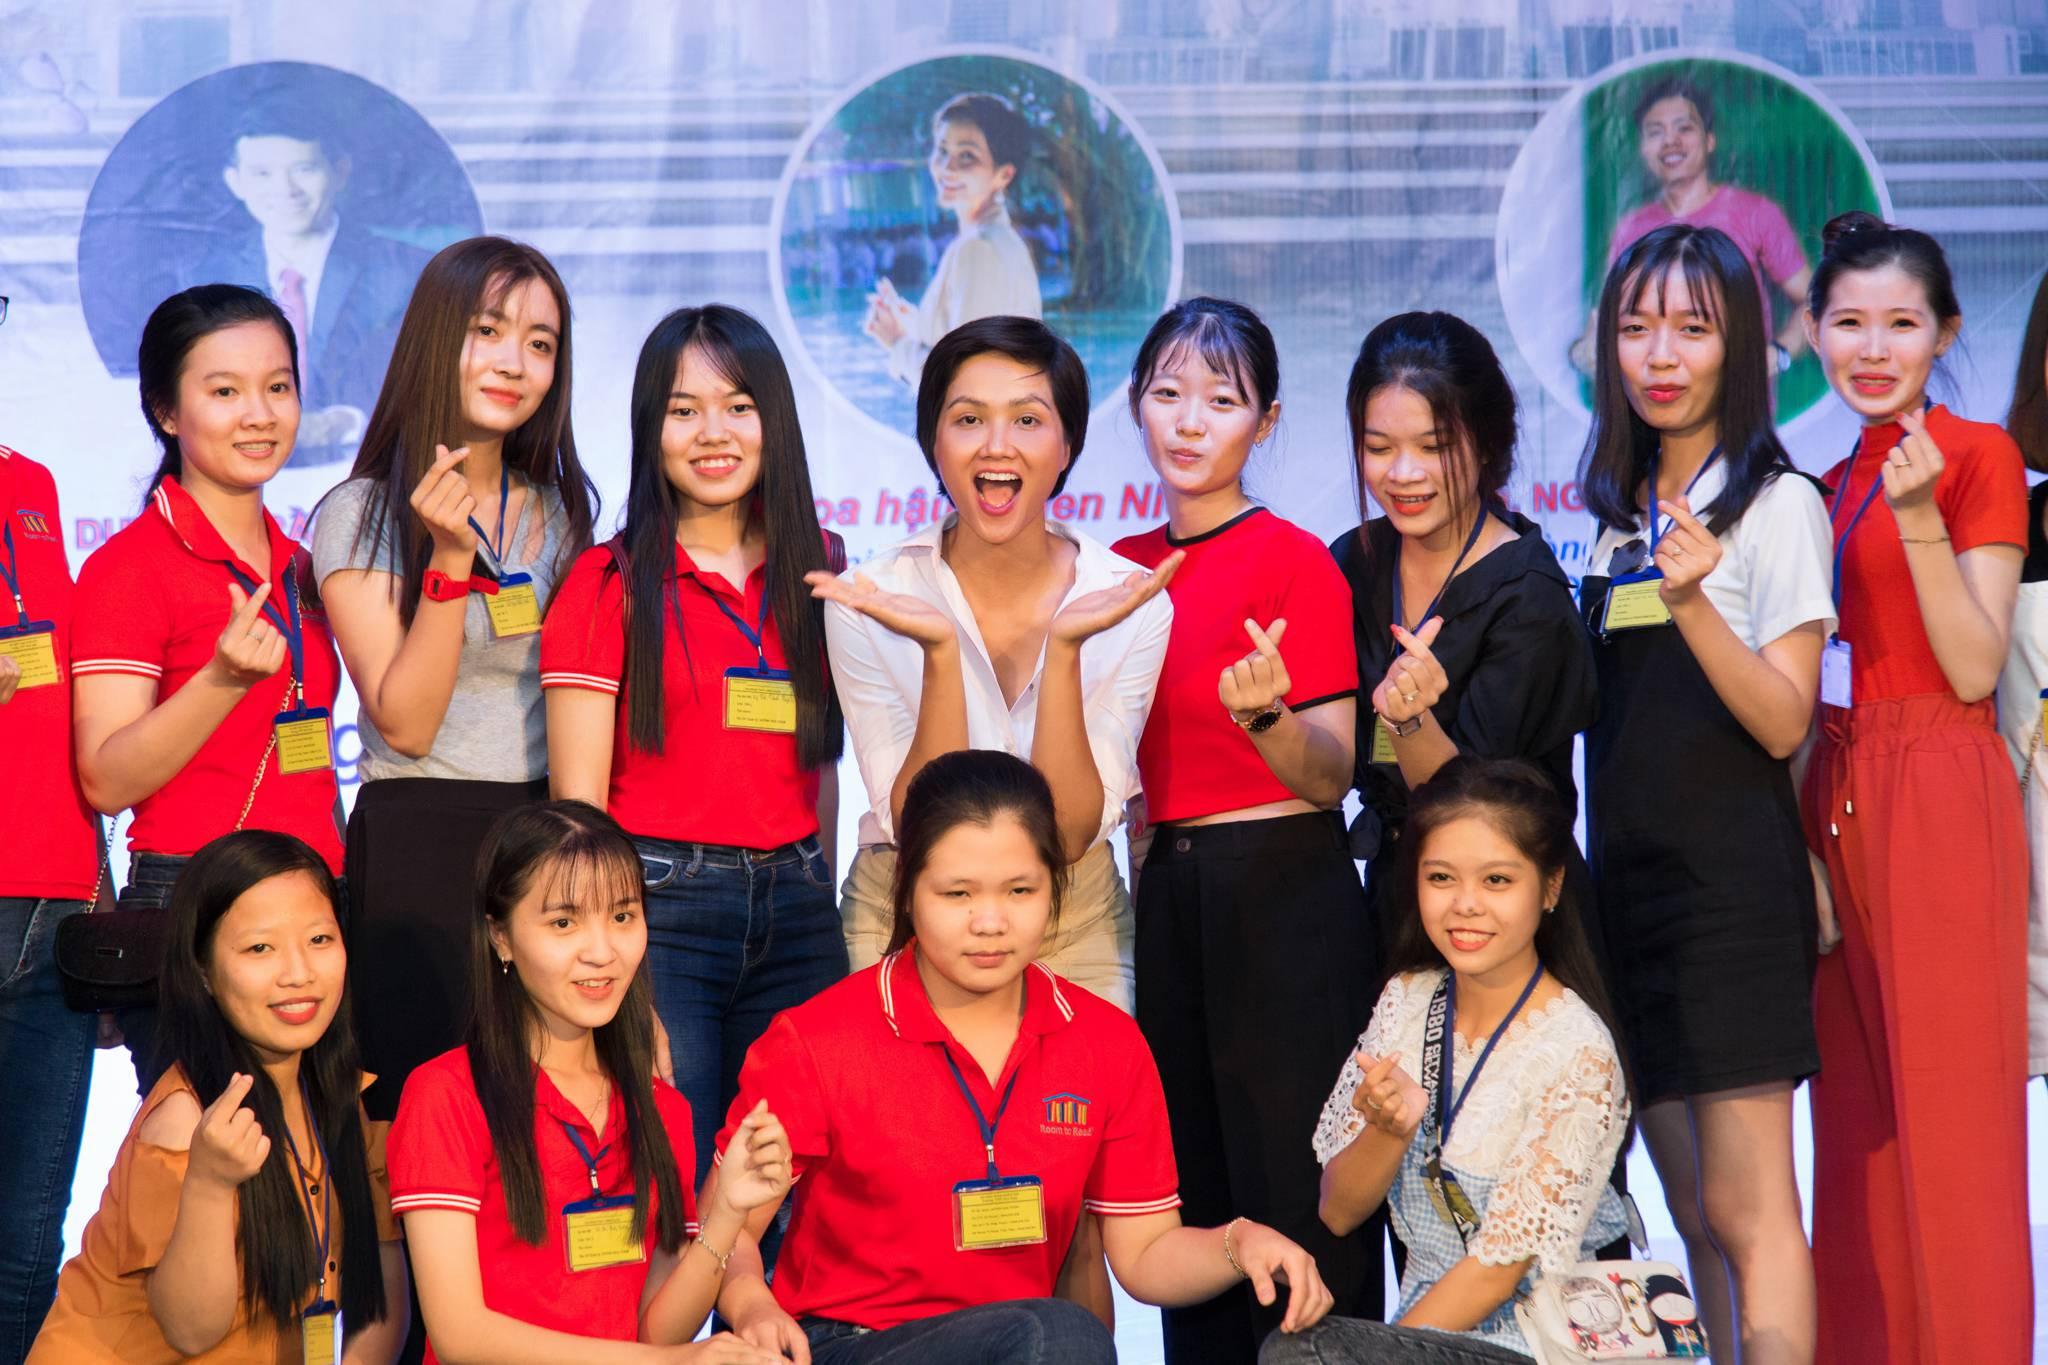 Hoa hau HHen Nie_Room To Read (26)